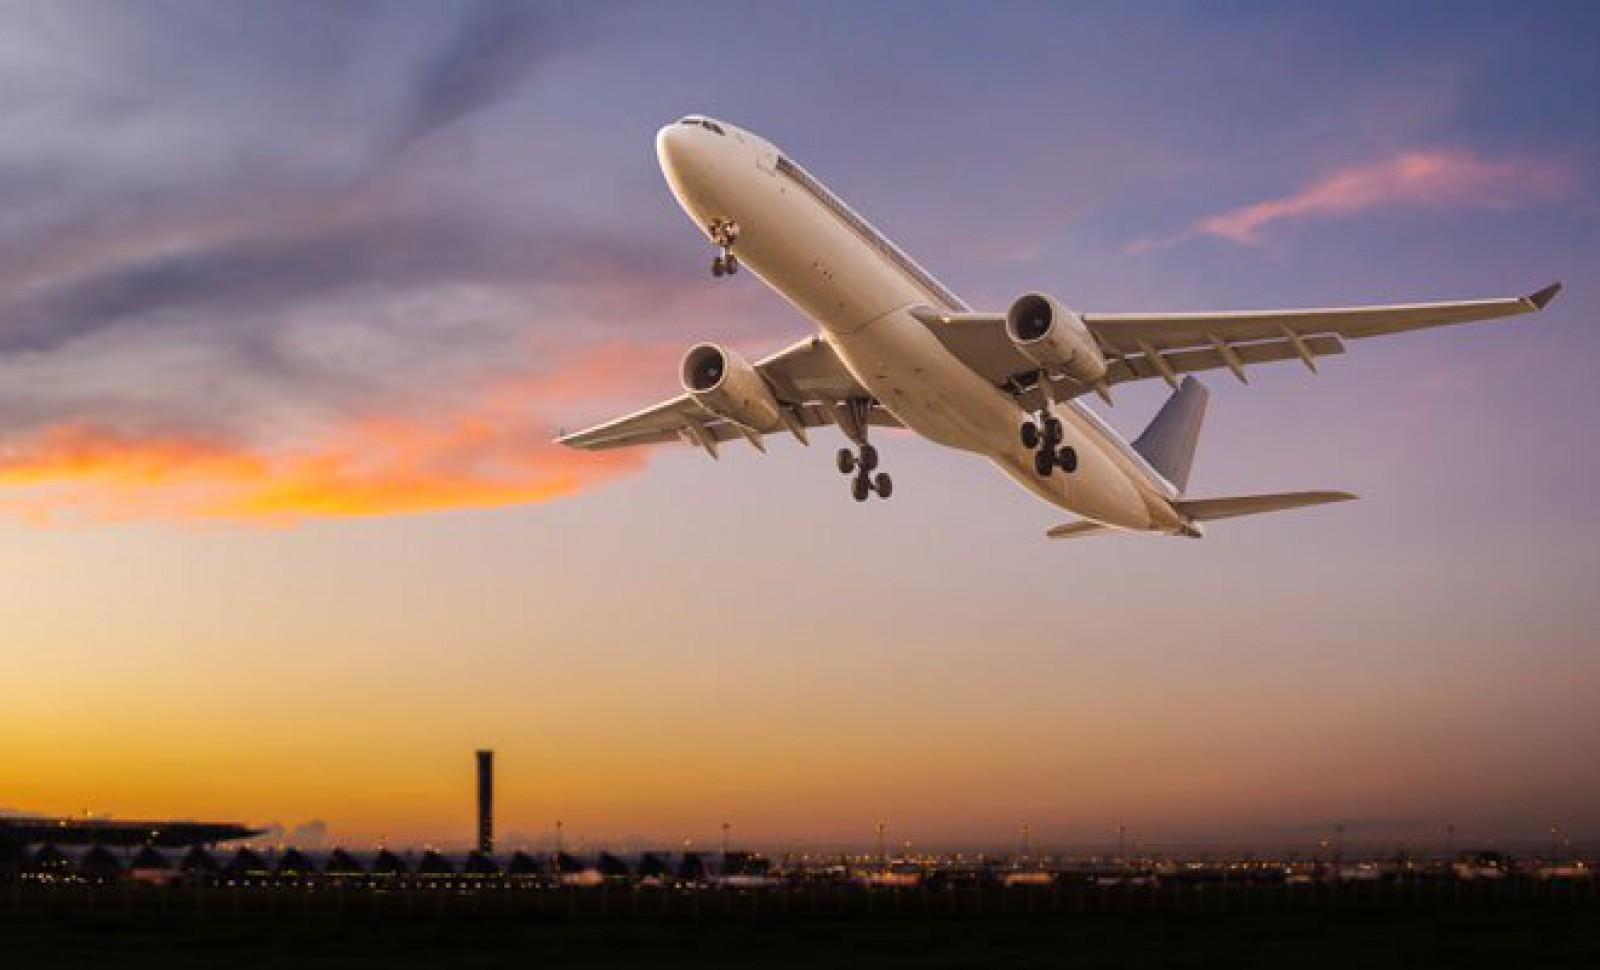 Un avion care trebuia să ajungă în Olanda s-a prăbușit: O persoană a decedat şi alte 20 au fost rănite